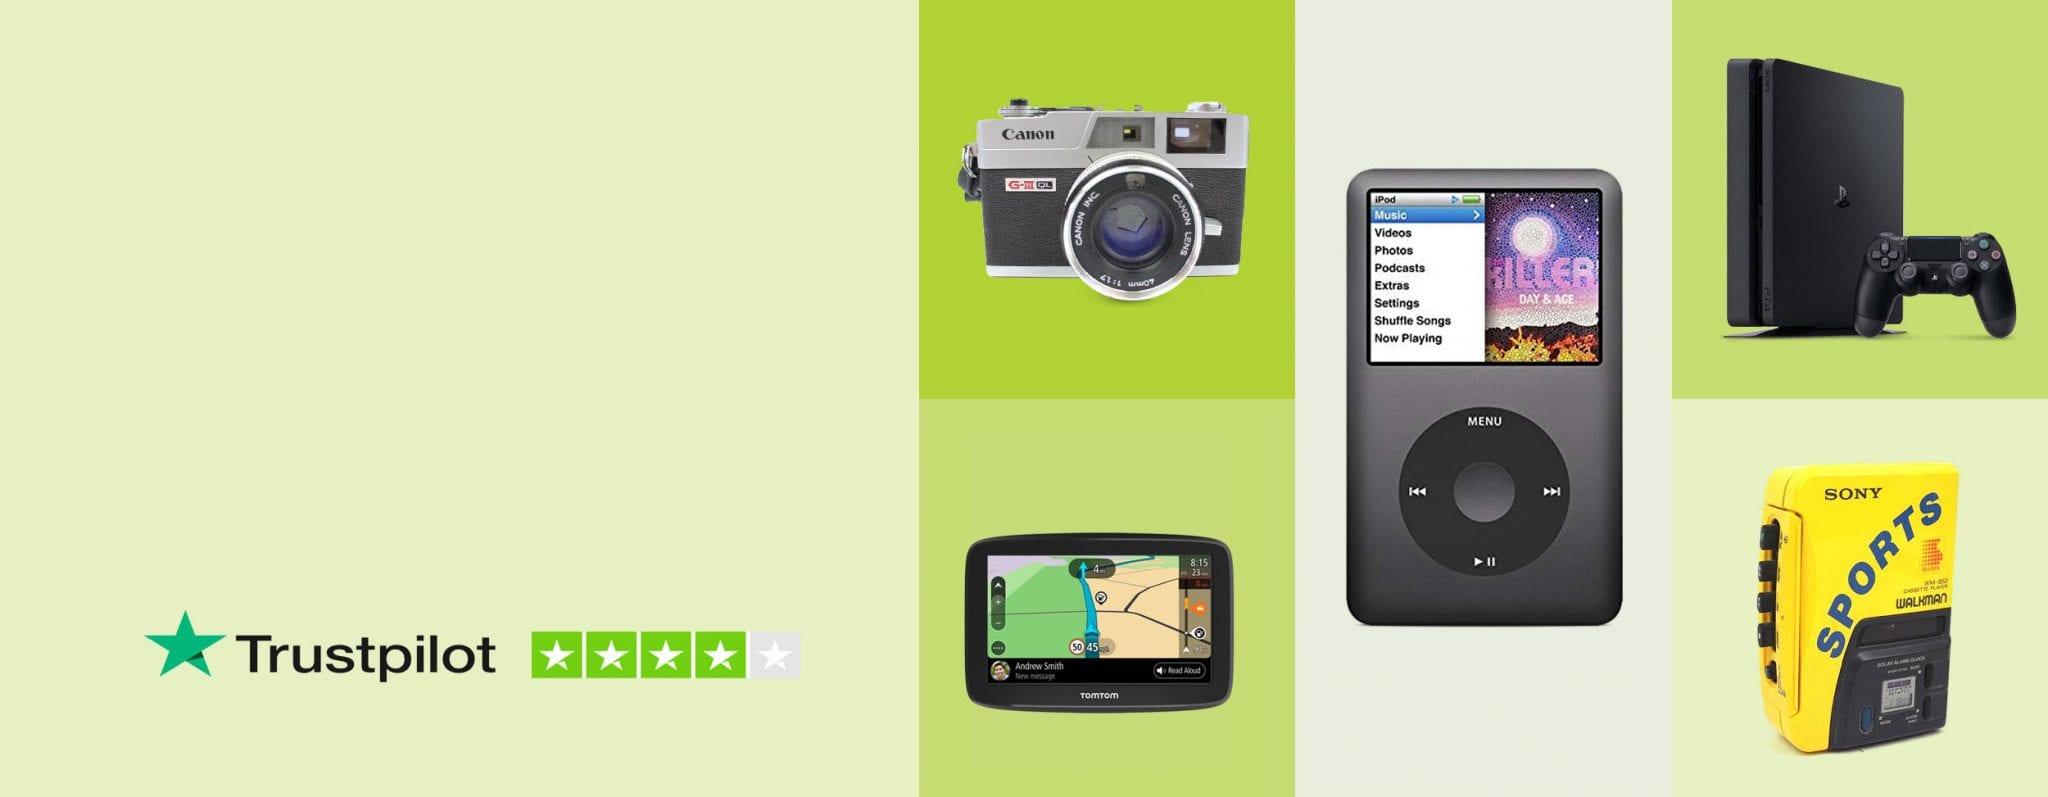 Gadget GoGo Banner Green 4 Trustpilot